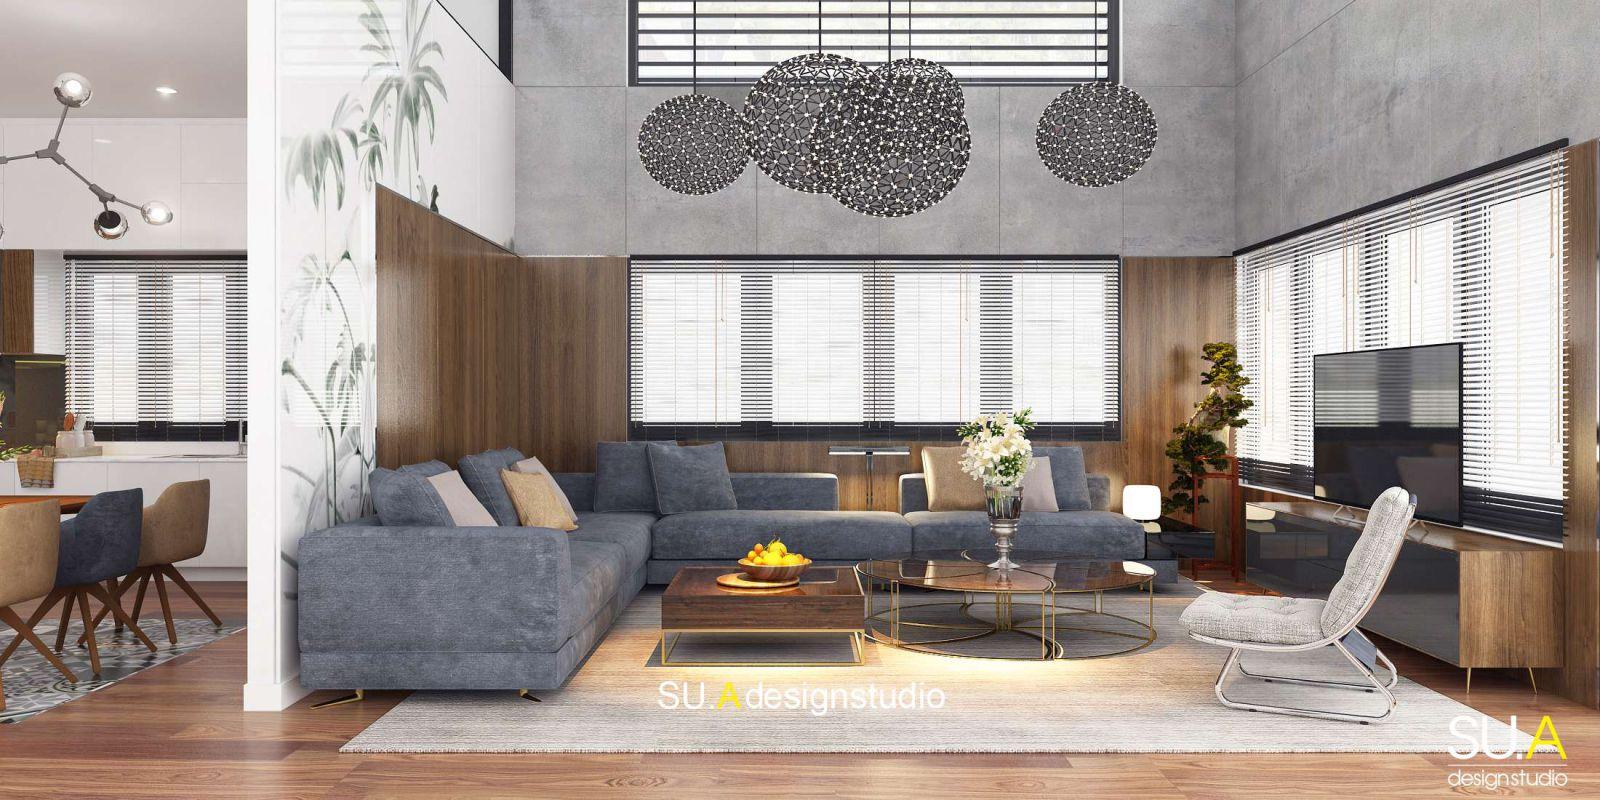 Thiết kế nội thất biệt thự theo phong cách hiện đại sang trọng